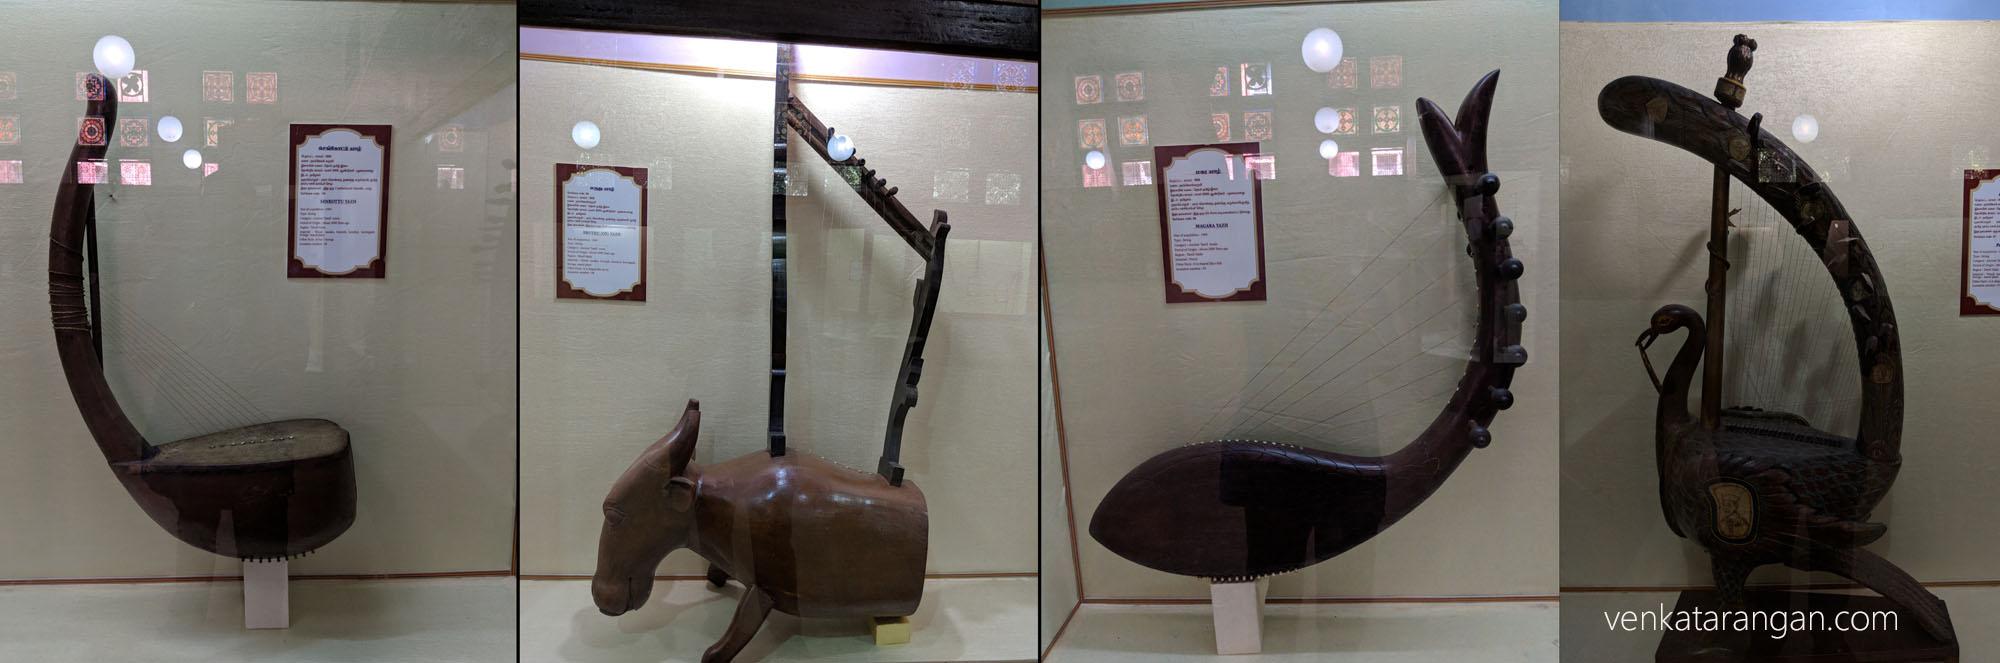 தொல் தமிழ் நரம்பிசைக் கருவிகள்: 1)Senkottu Yazh (செங்கோடு யாழ்), has 7 strings. 2)Eruthu Yazh (எருது யாழ்), shaped like an ox. 3)Magara Yazh (மகர யாழ்), shaped like a flash. 4)Peacock Yazh (மயில் யாழ்).